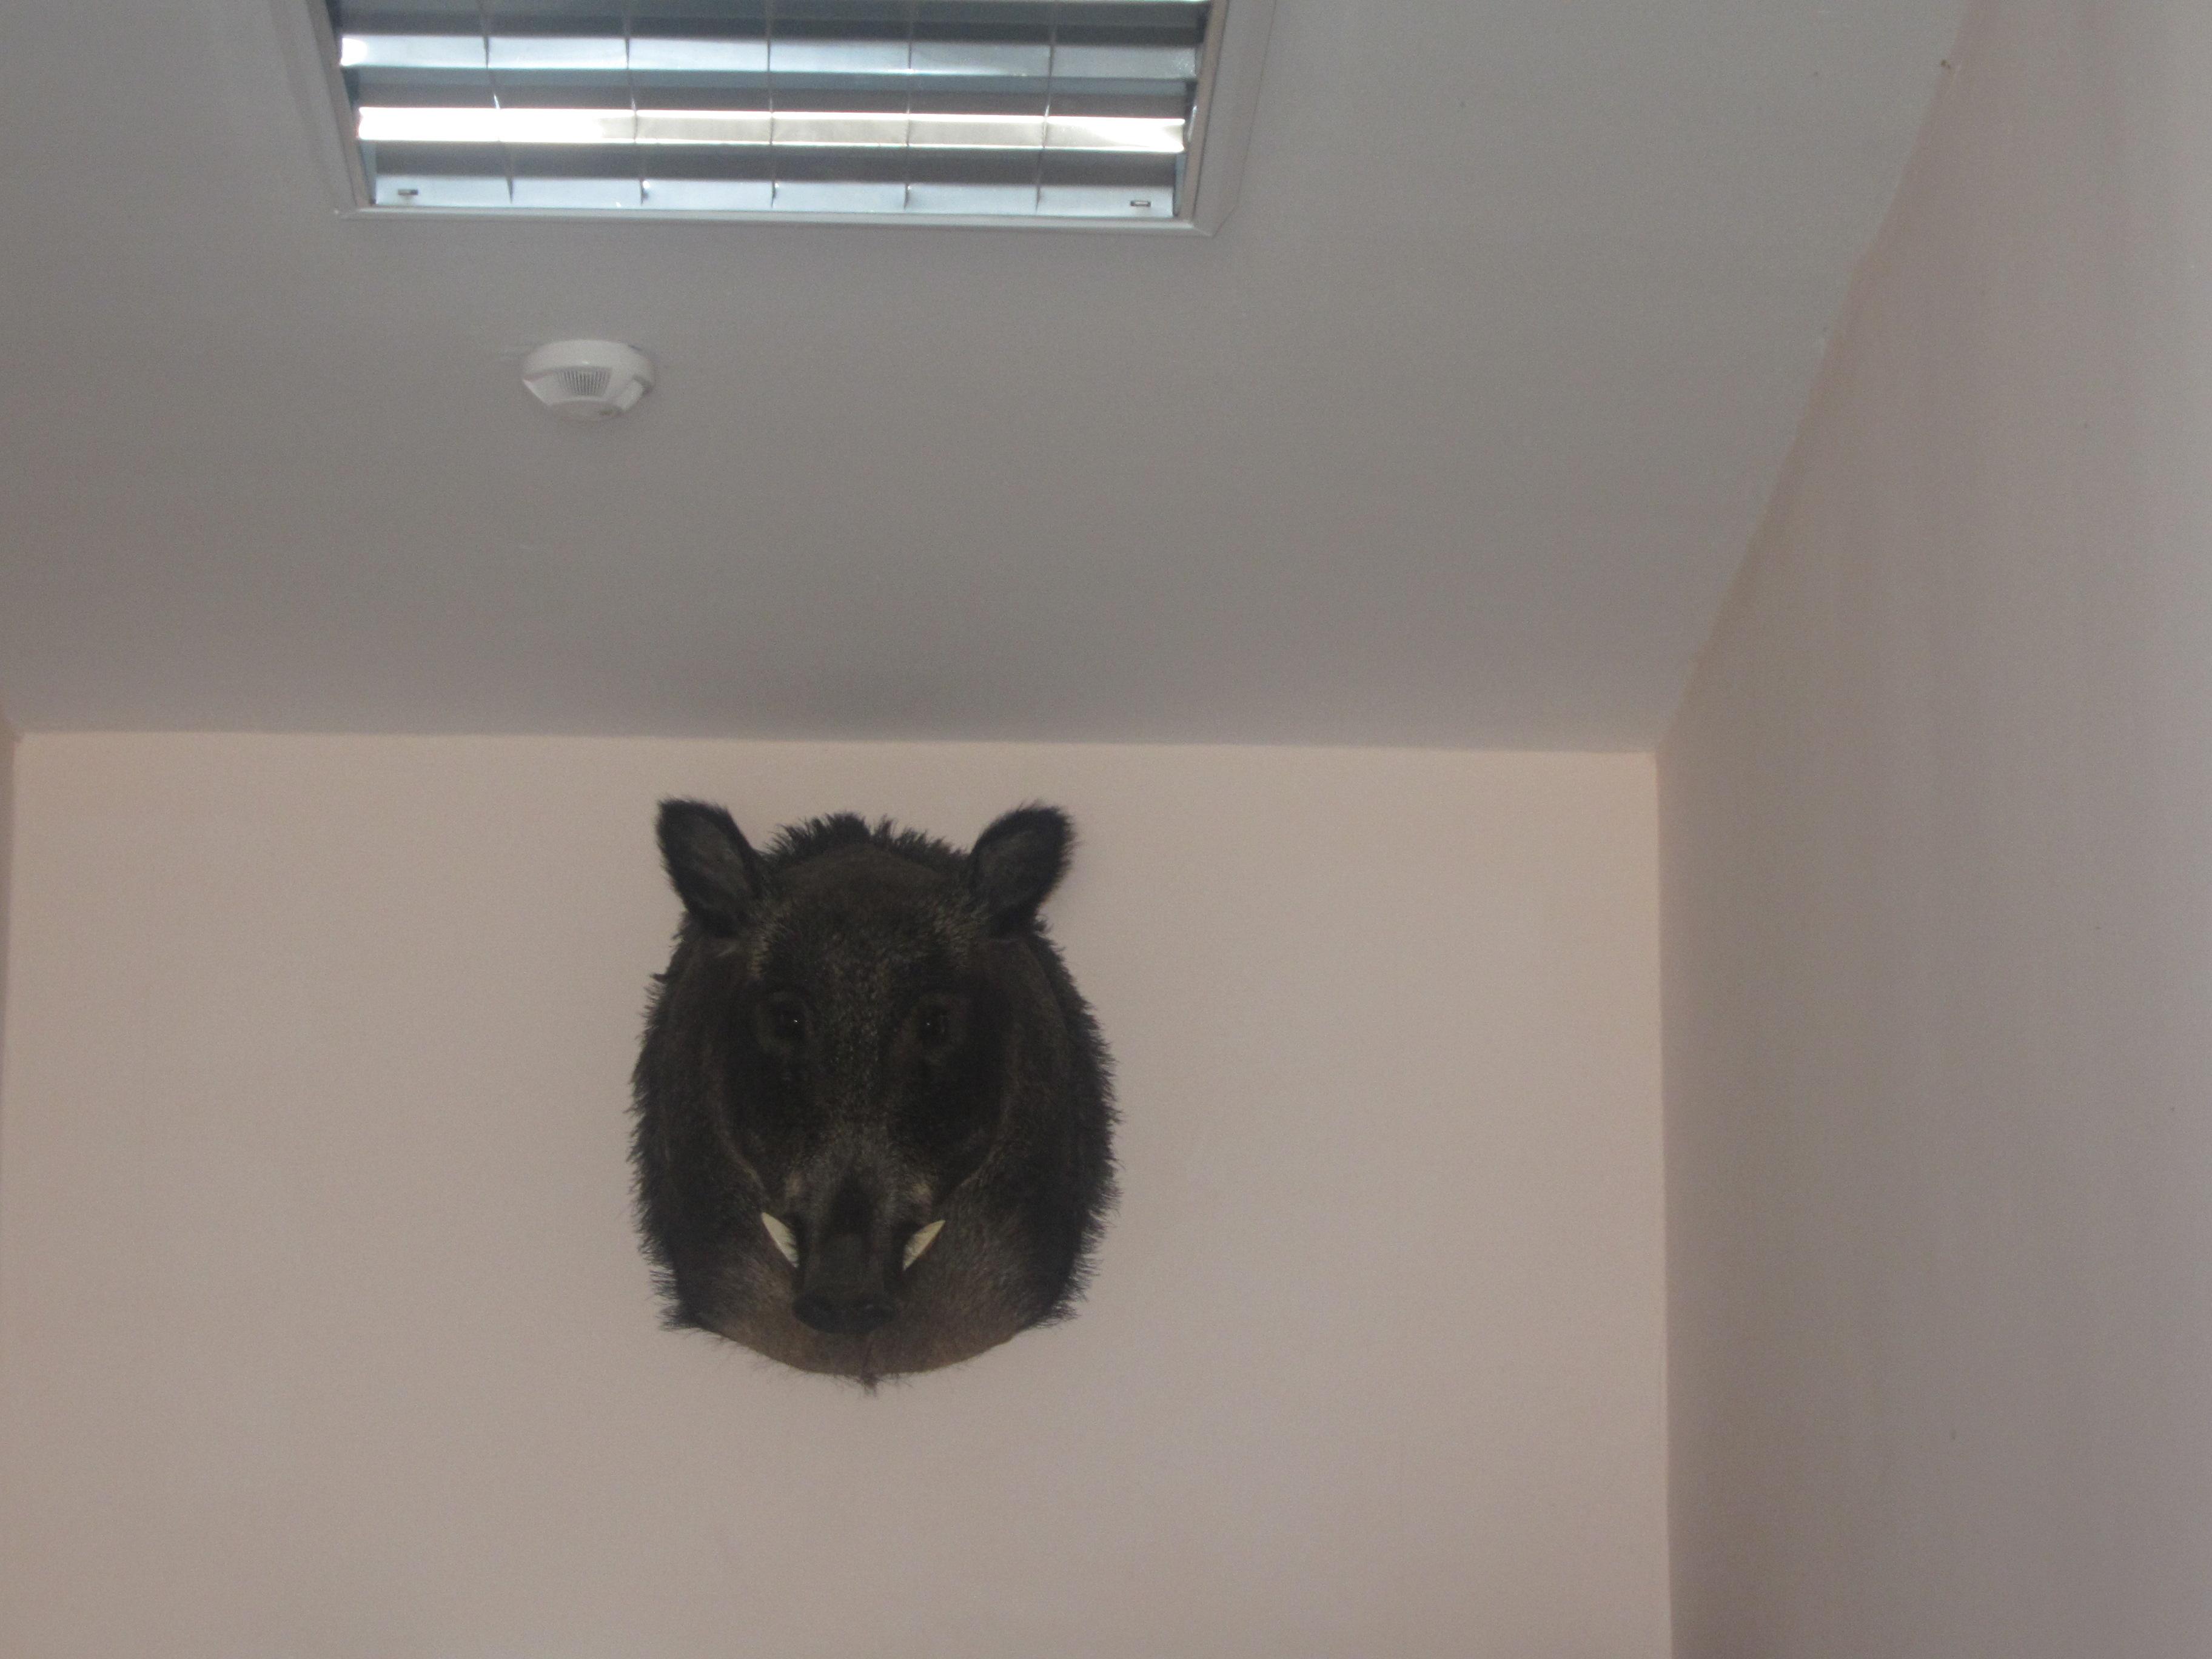 Кабанья голова под потолком (25.06.2013)